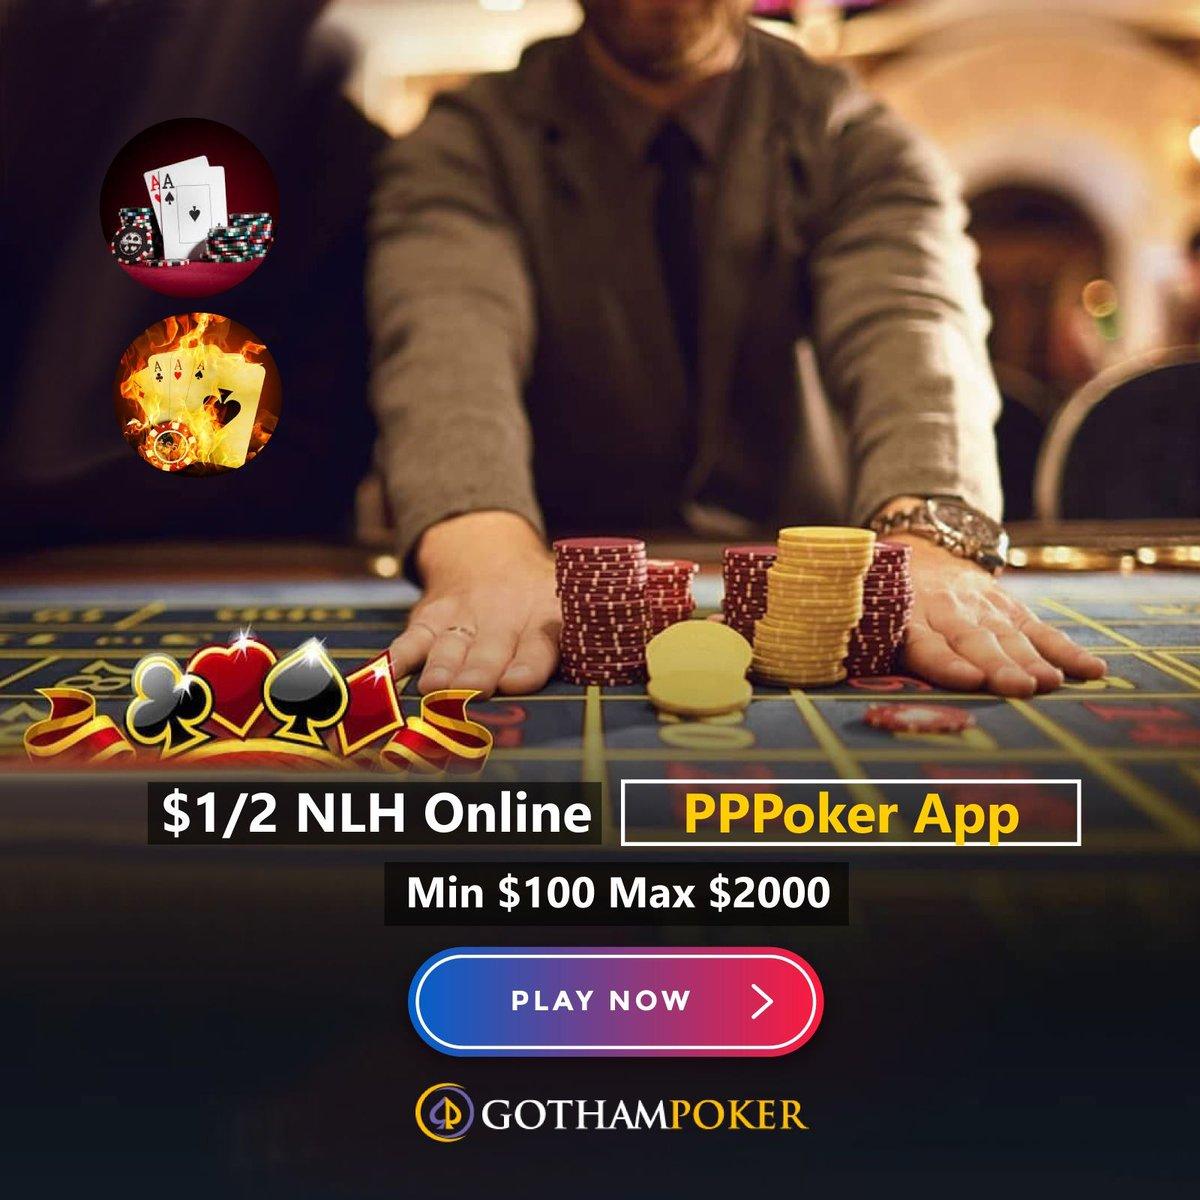 Etiqueta Pokergame En Twitter